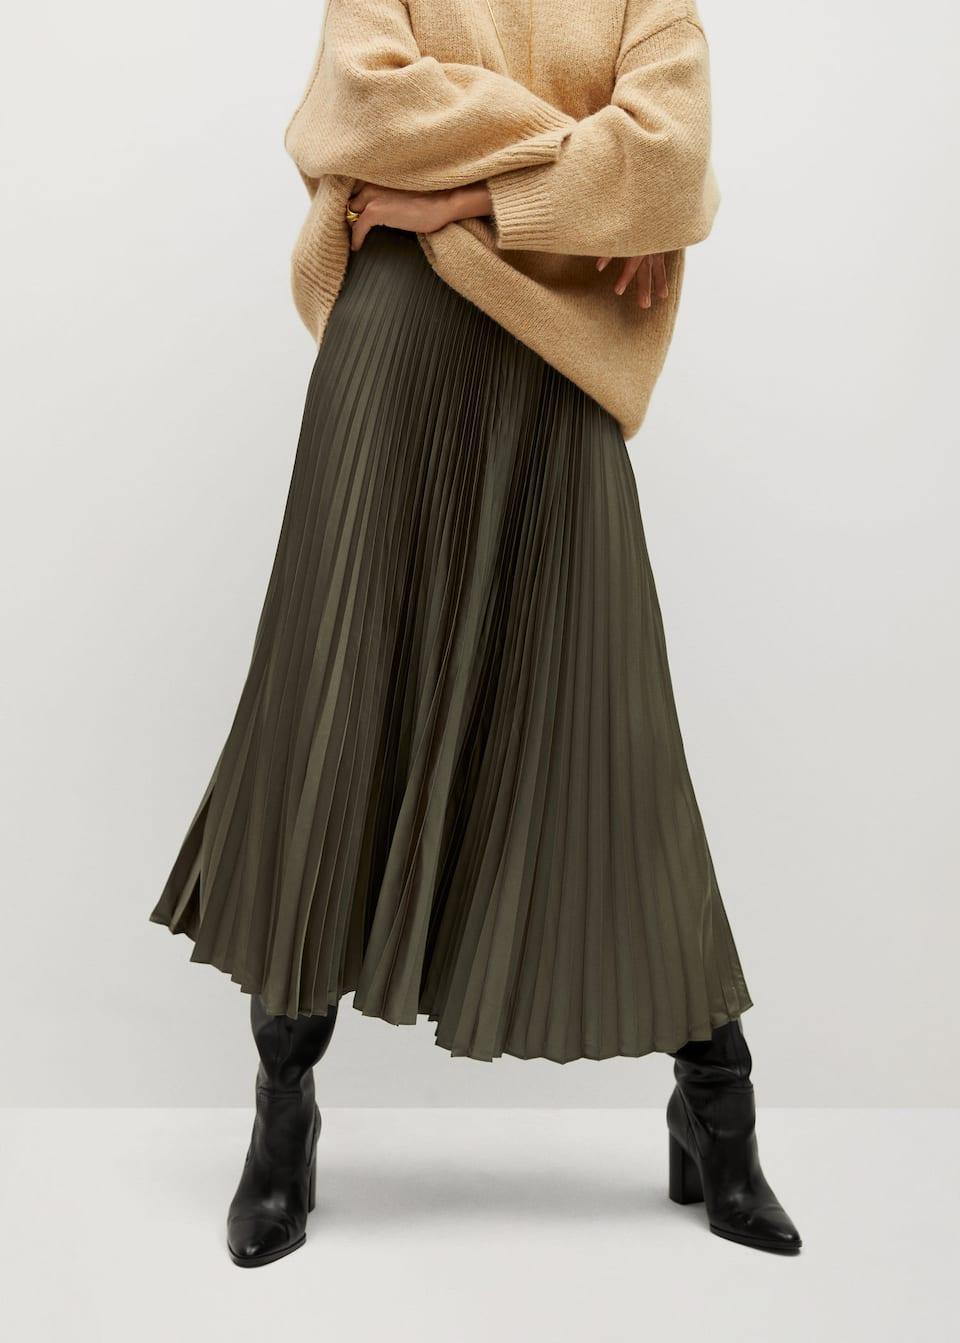 Satin pleated skirt - Medium plane